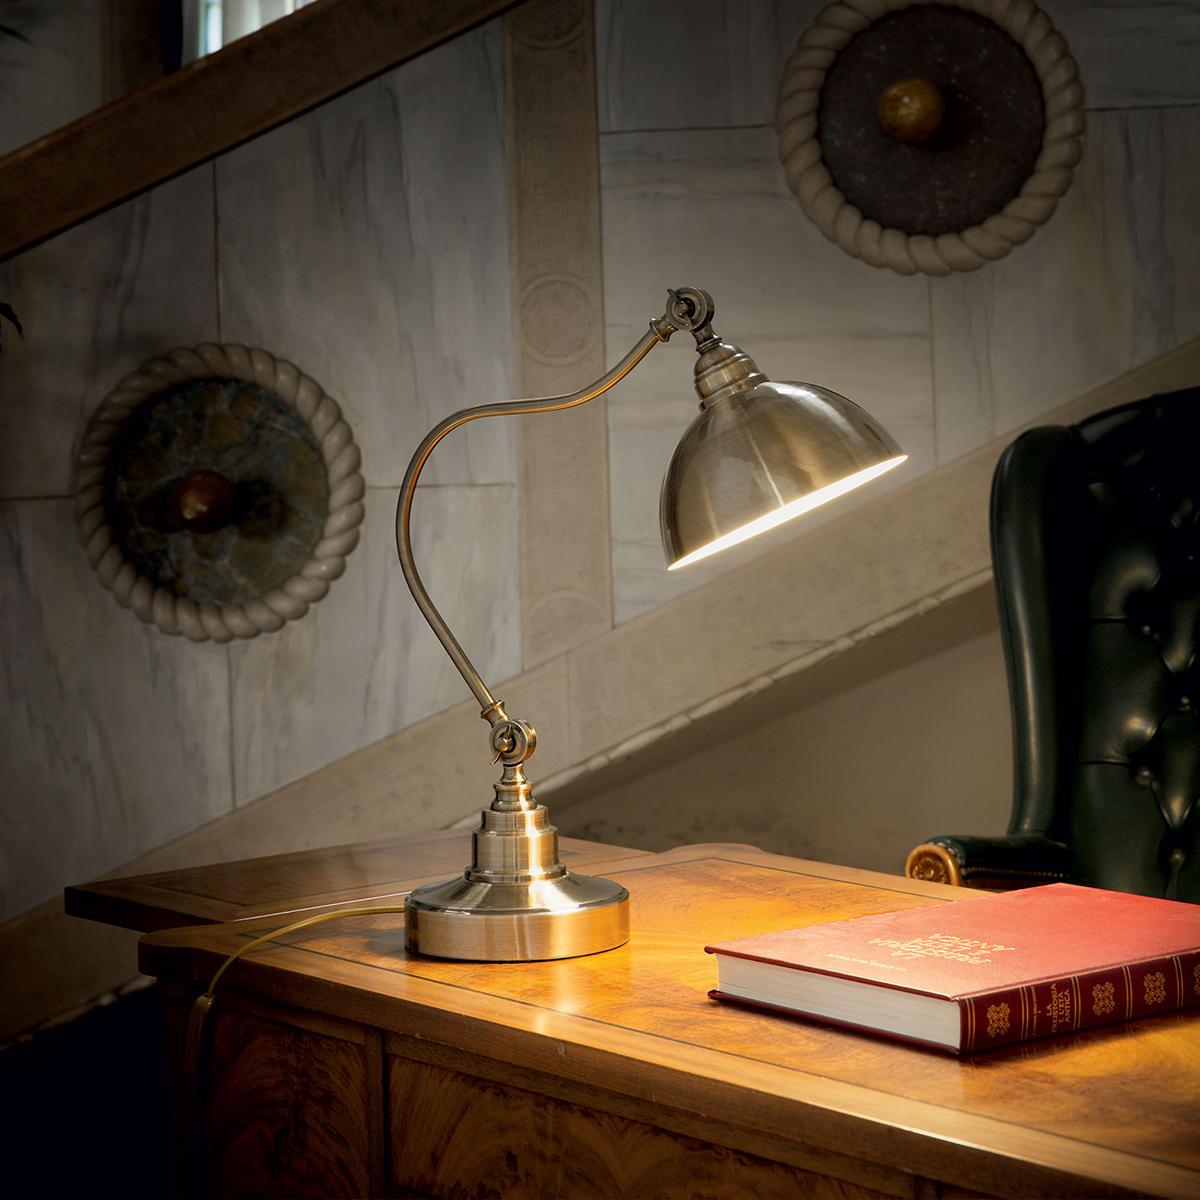 Lampa biurkowa - jaką wybrać?